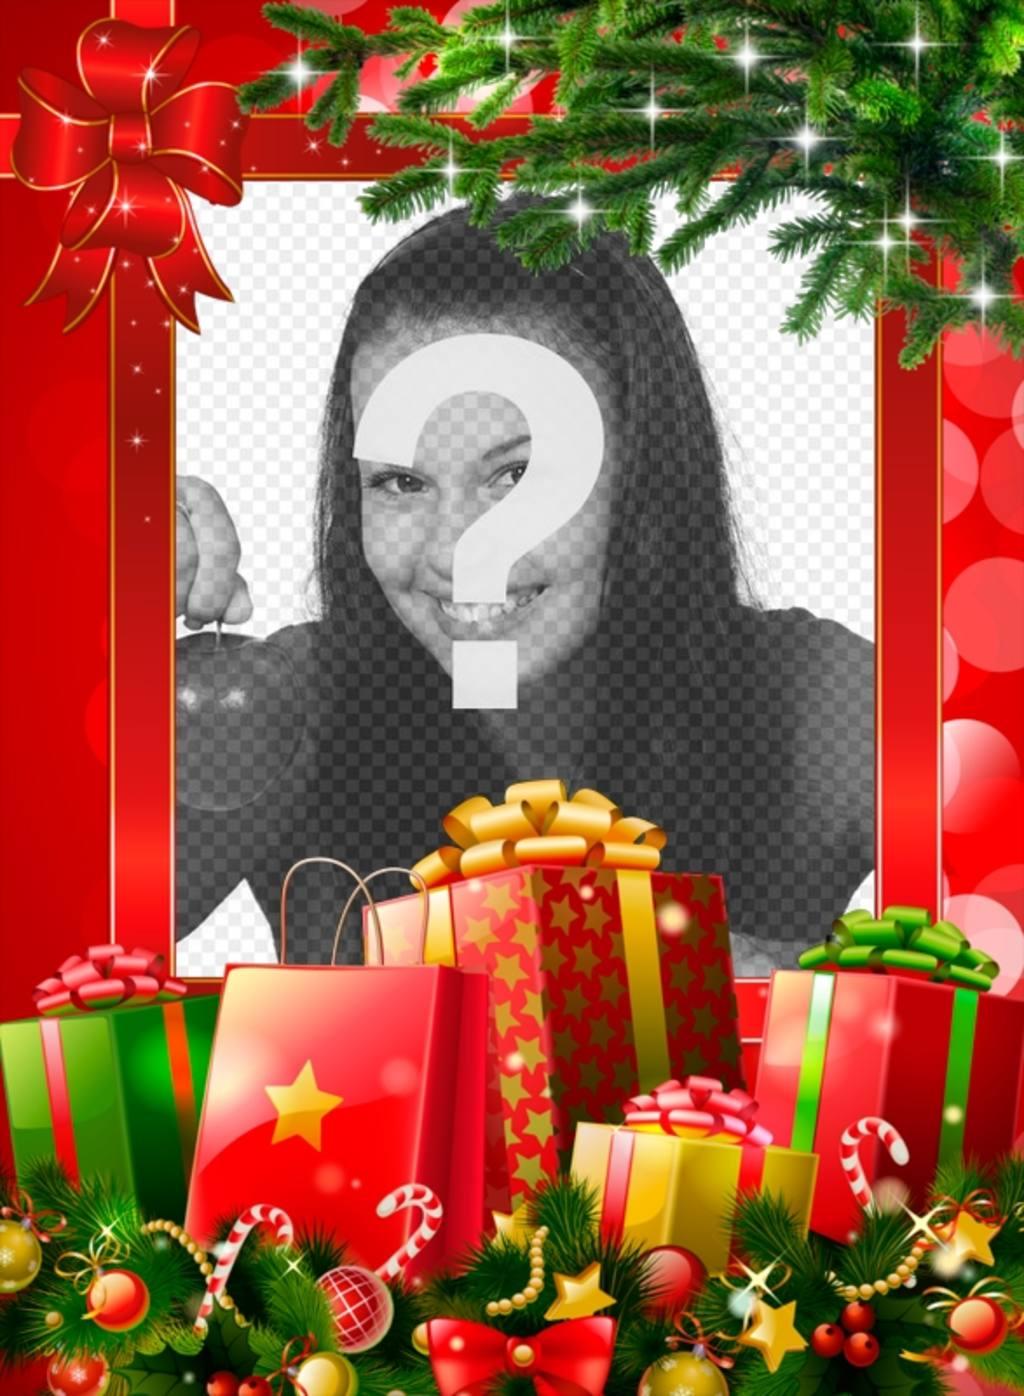 Marco de Navidad con muchos regalos para personalizar con tu foto ...